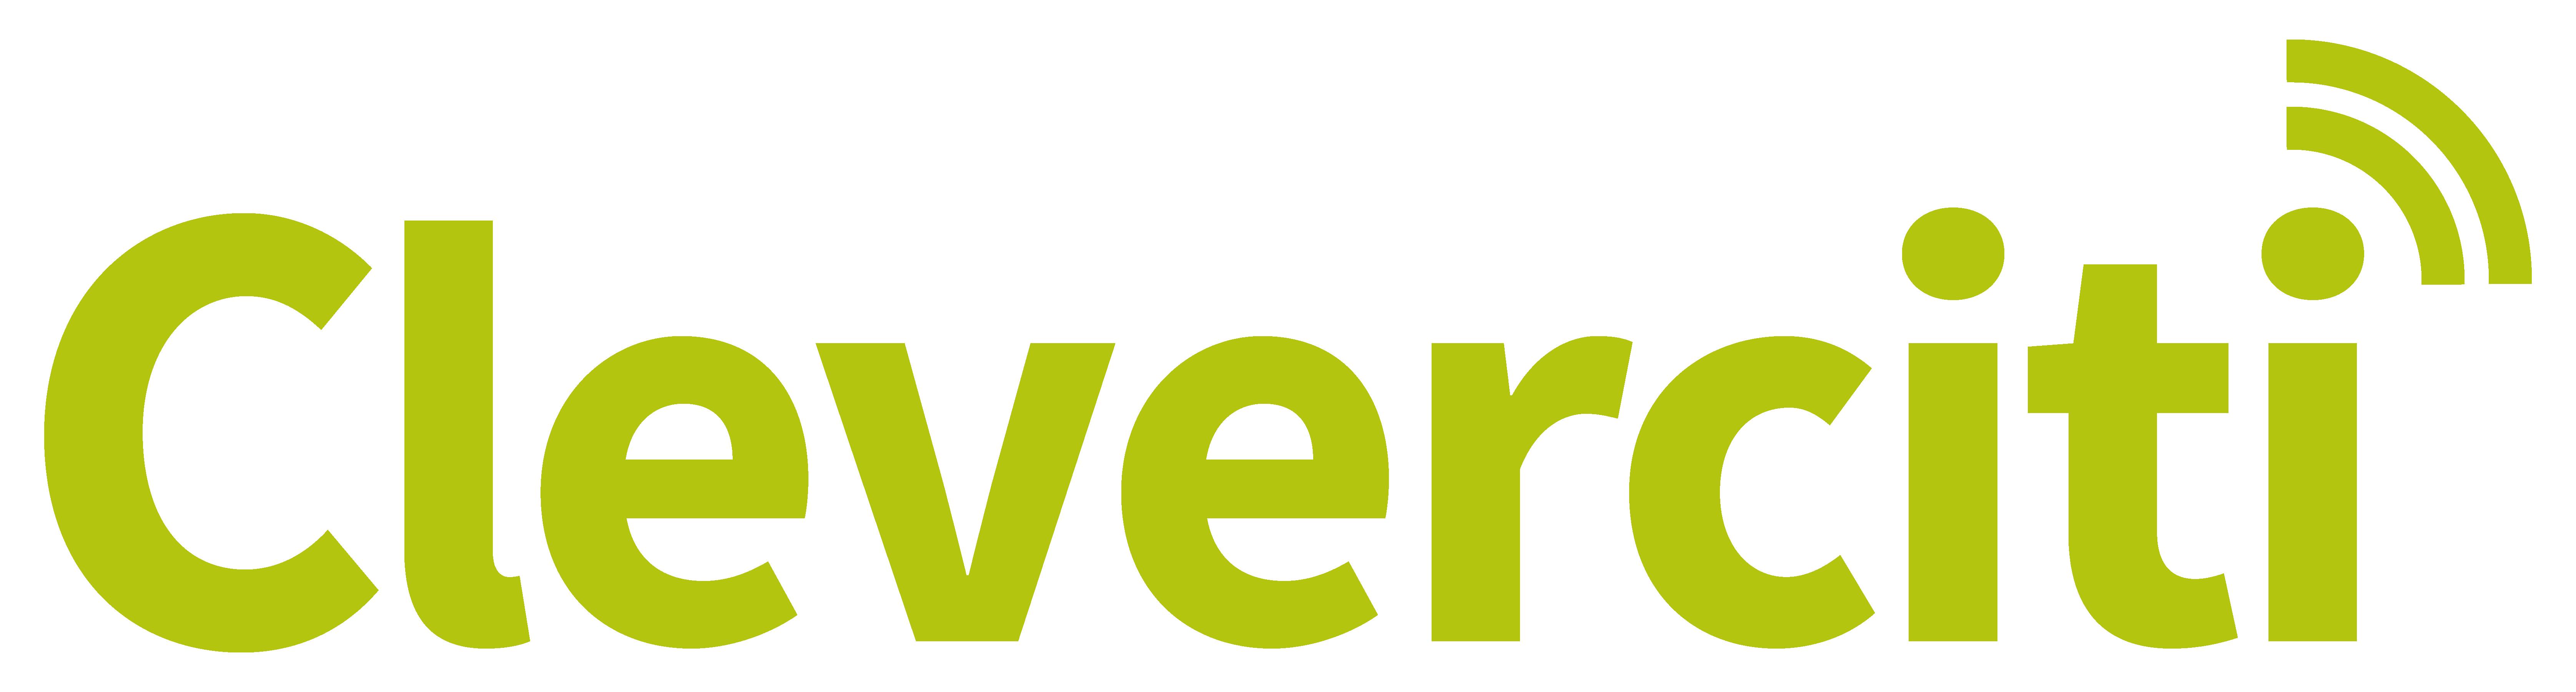 Cleverciti-Logo-YelGrn